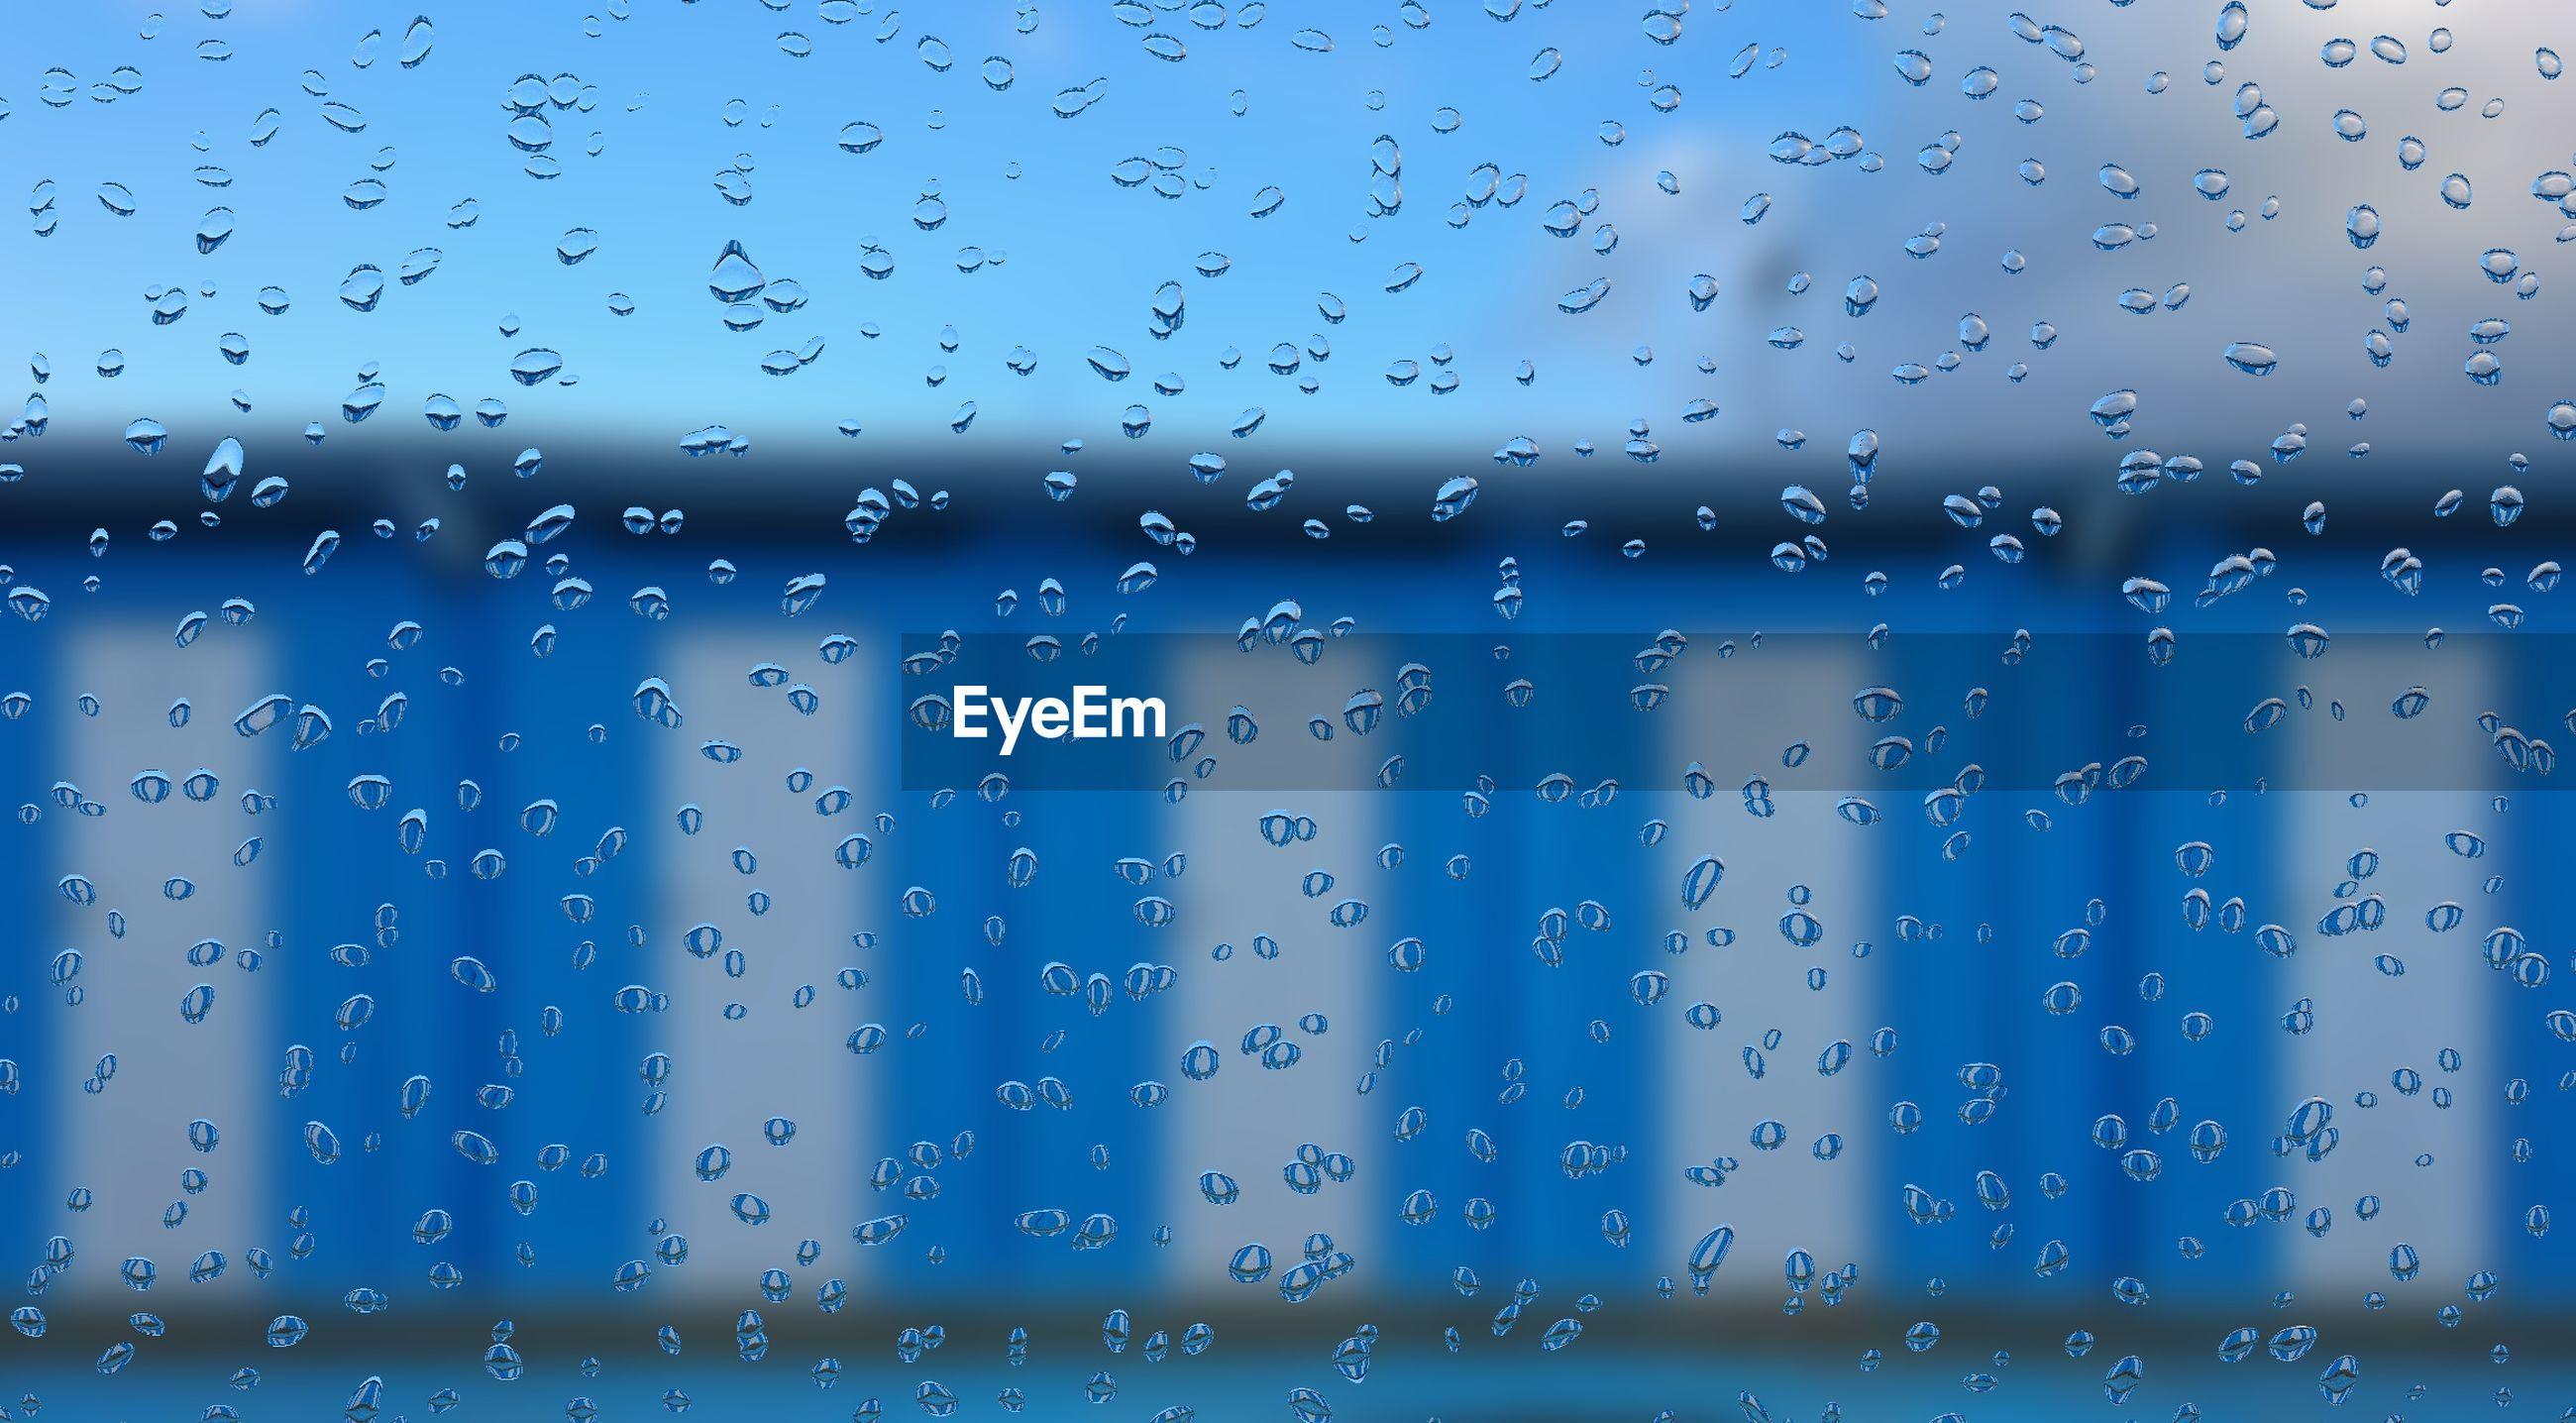 FULL FRAME SHOT OF WET GLASS WINDOW IN RAIN